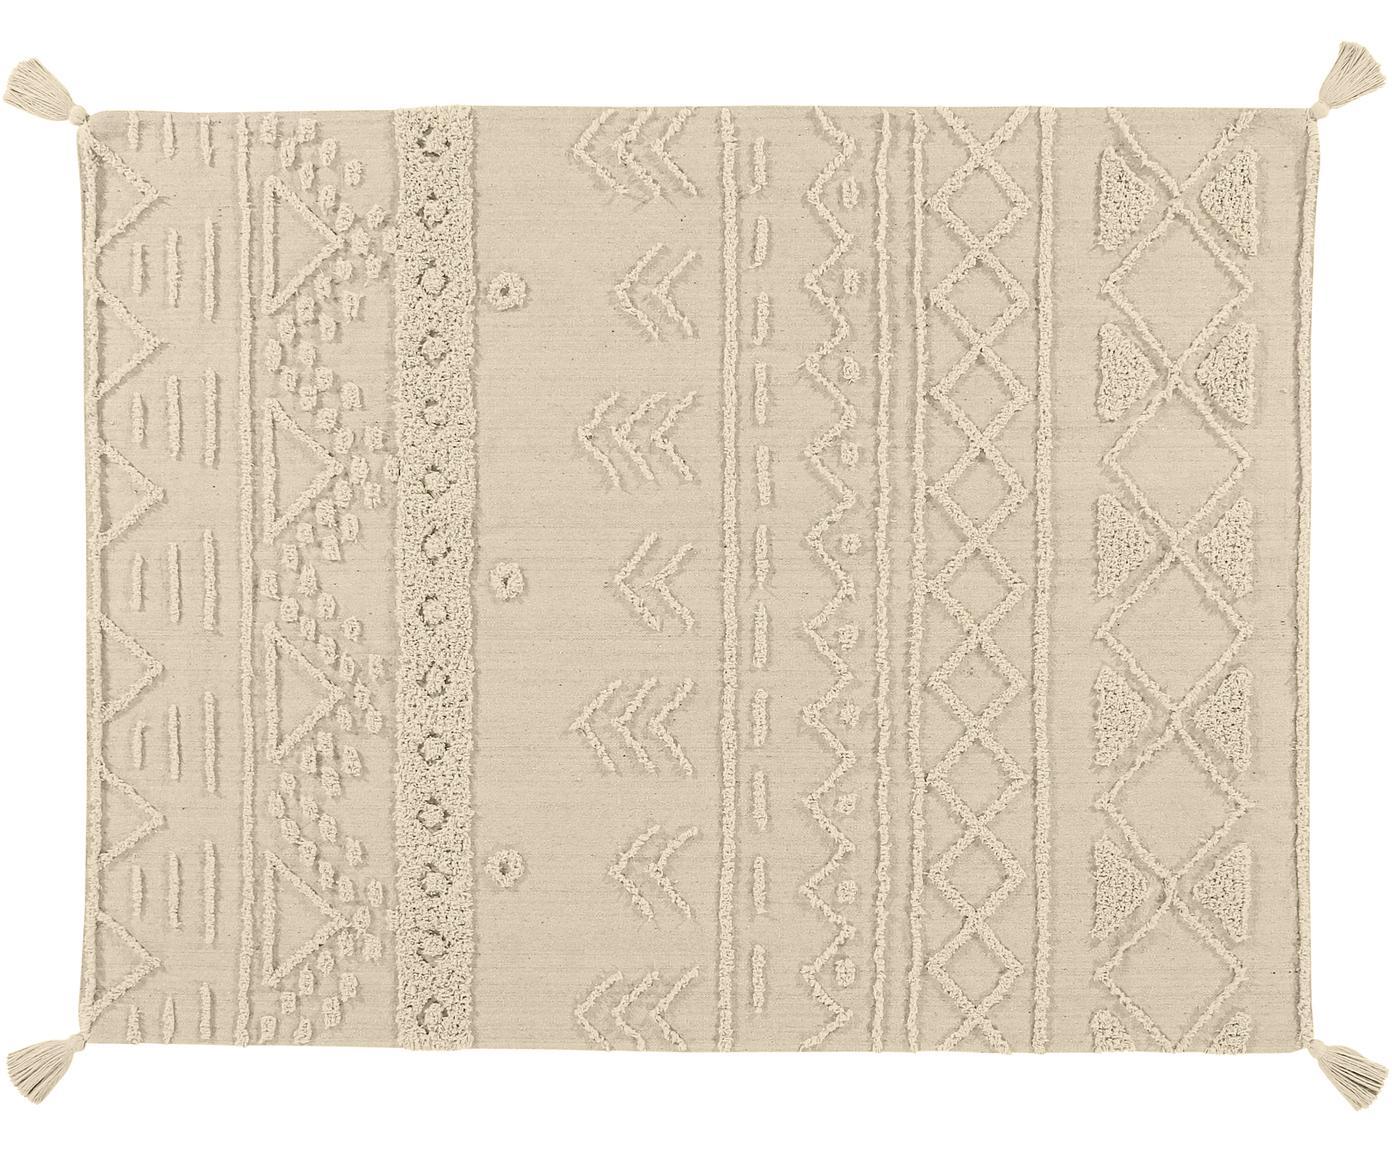 Tappeto in cotone con motivo taftato Tribu, 97% cotone riciclato, 3% altre fibre, Crema, Larg. 120 x Lung. 160 cm (taglia XS)